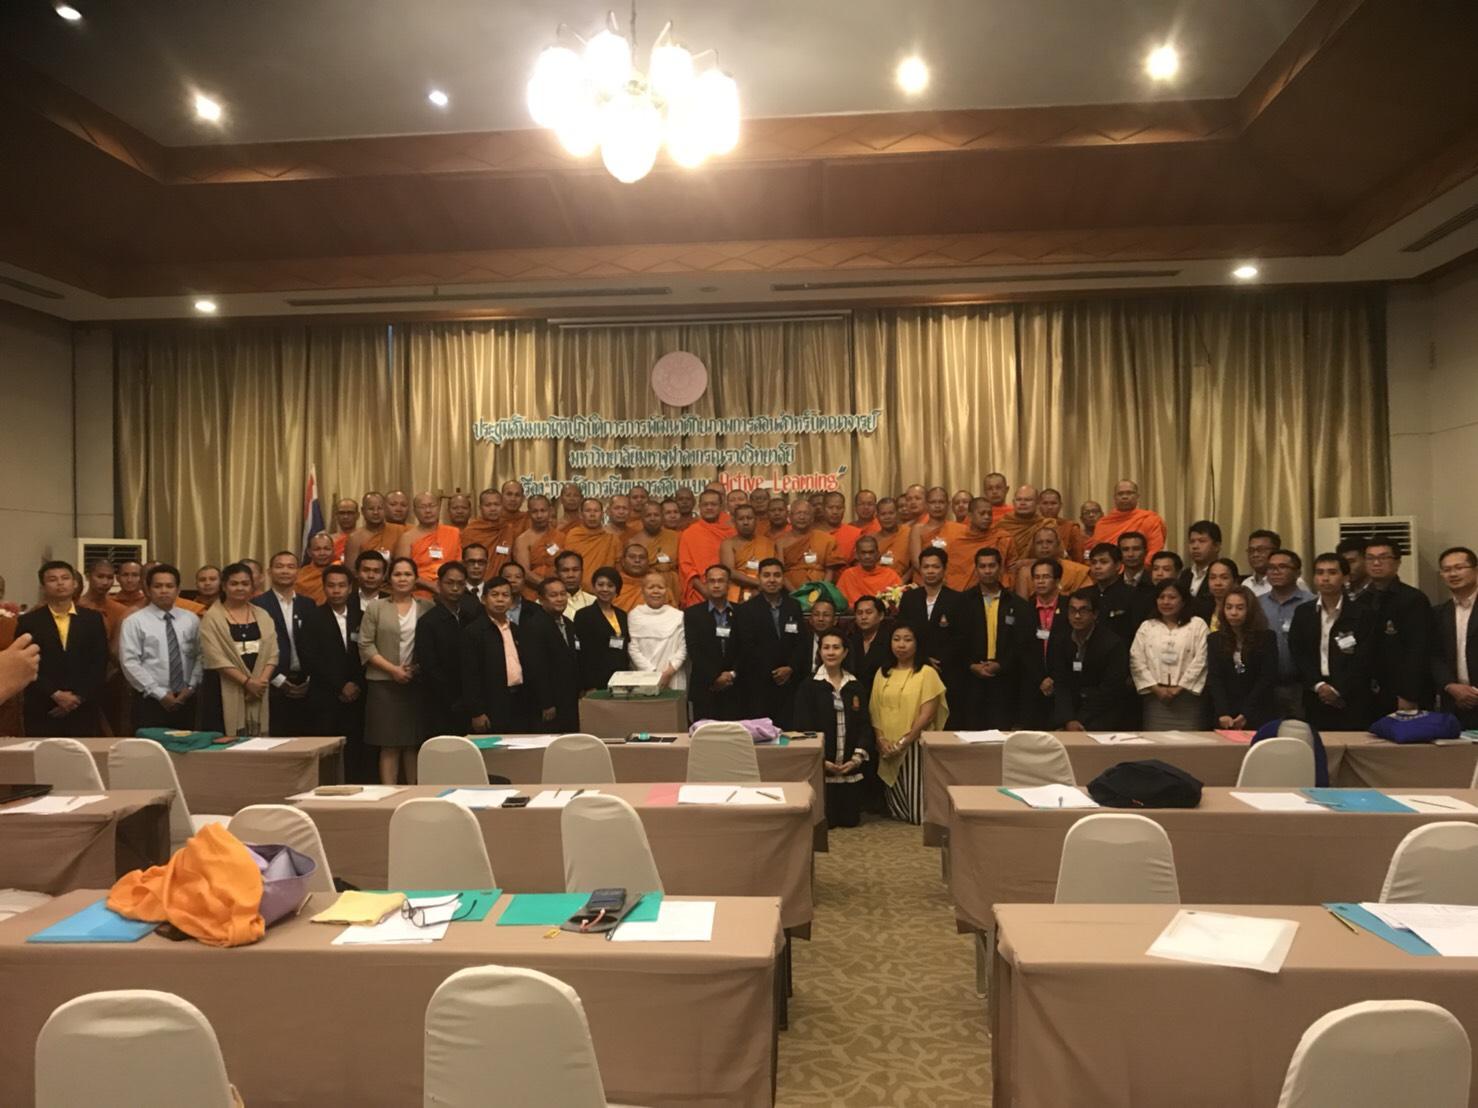 มหาจุฬาฯ ประชุมสัมมนาเชิงปฏิบัติการการพัฒนาศักยภาพการสอนสำหรับคณาจารย์